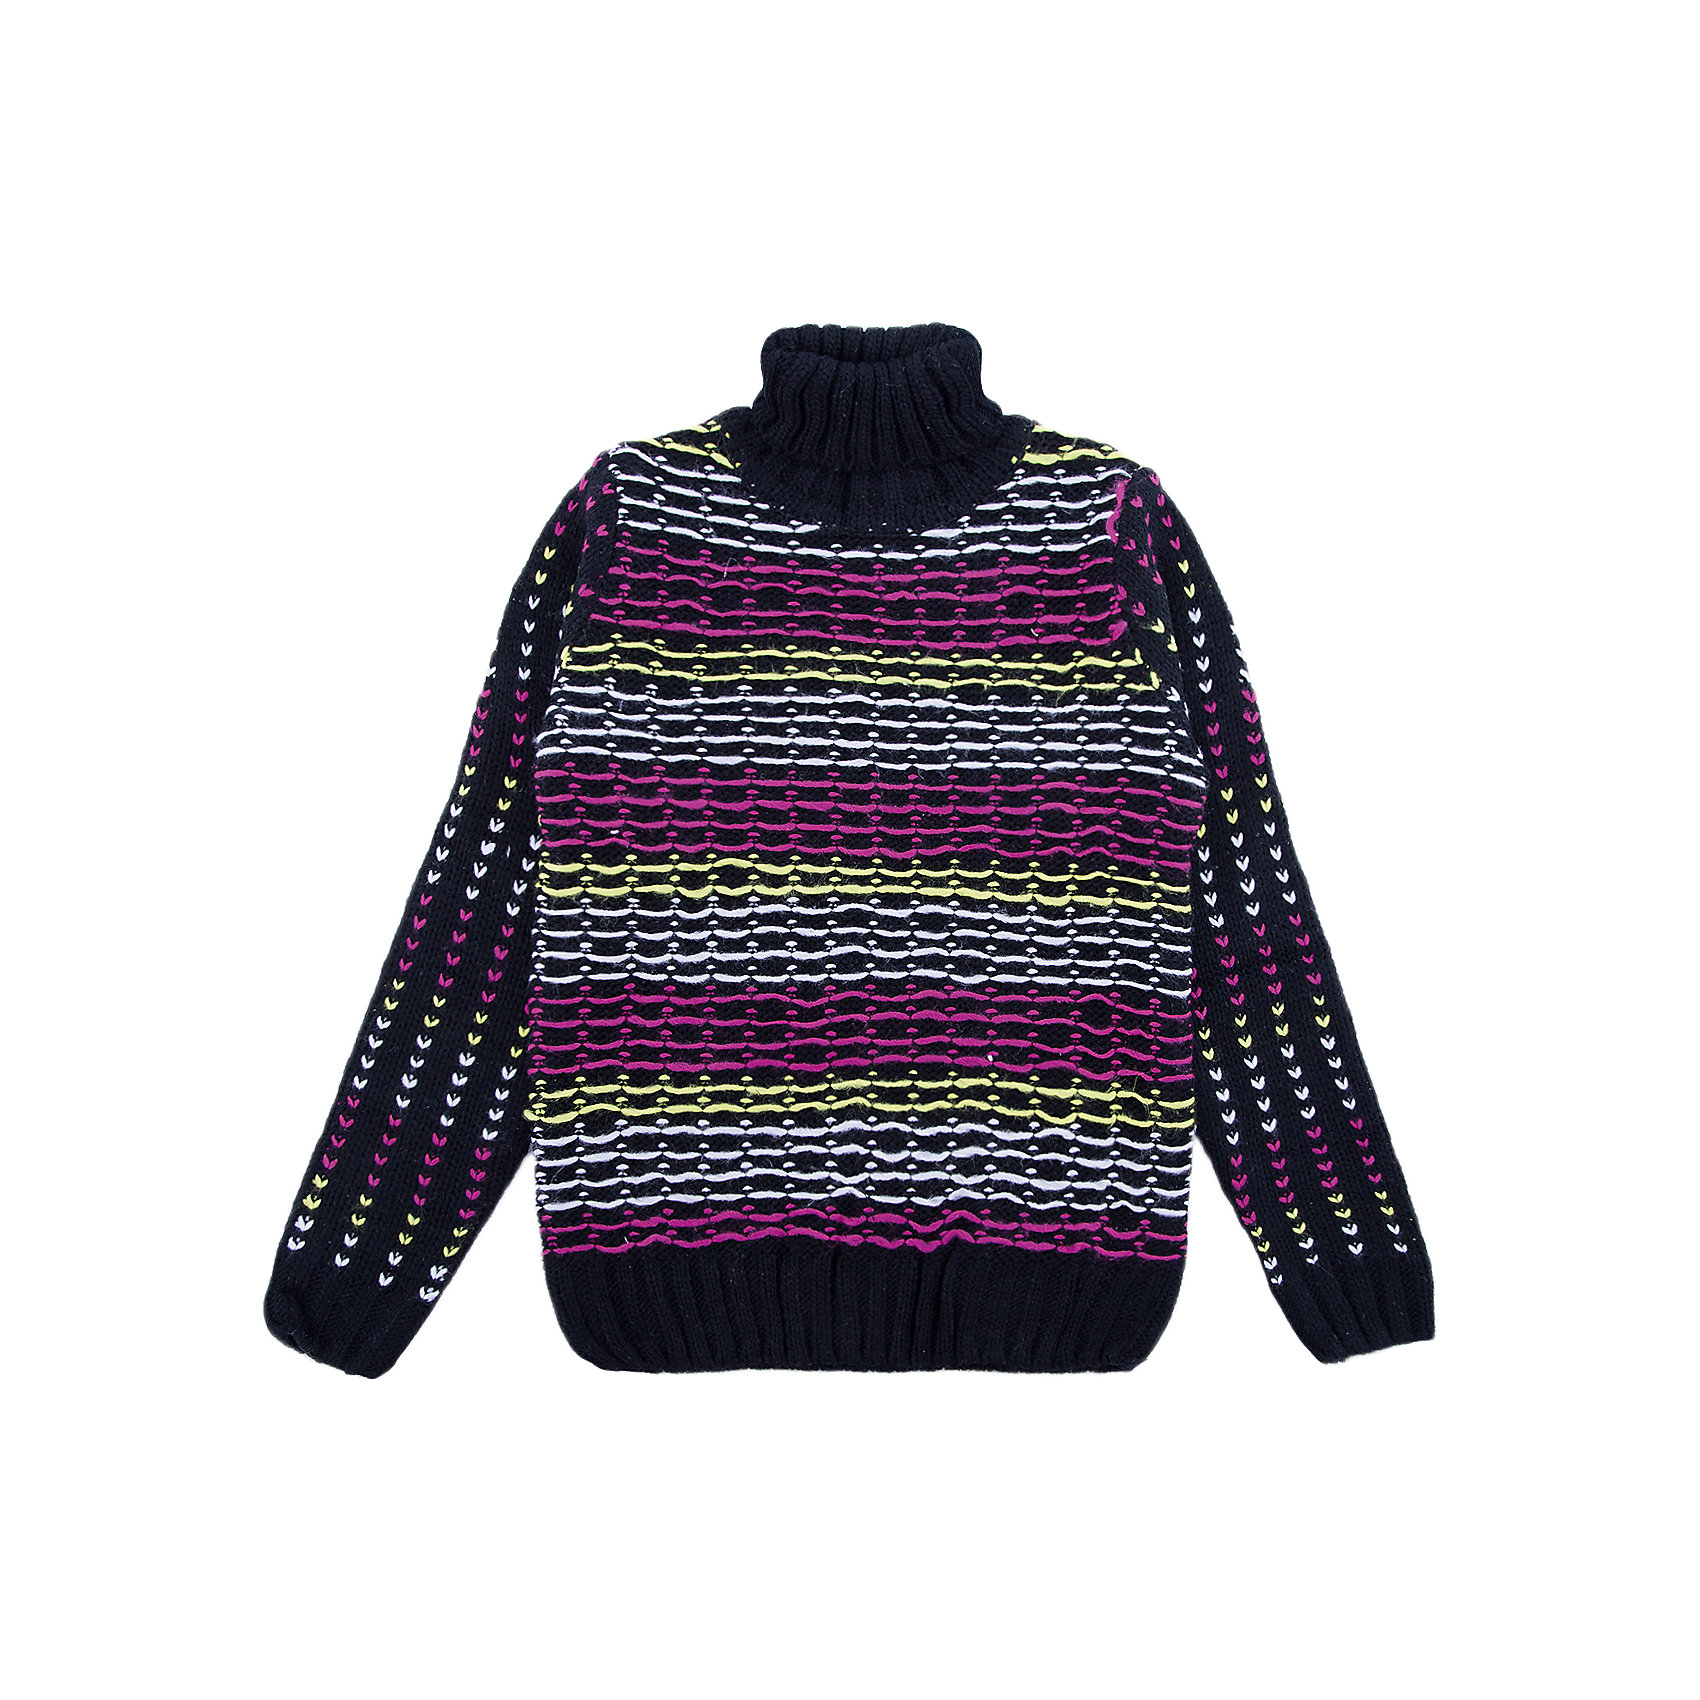 Свитер Scool для девочкиСвитера и кардиганы<br>Свитер Scool для девочки<br>Удобный свитер крупной вязки с высоким горлом - отличное решение дя повседневного гардероба ребенка. Горловина, манжеты и низ изделия на мягких резинках. В качестве декора использованы яркие разноцветные нити. В таком свитере будет тепло в холодное время года.<br>Состав:<br>80% акрил, 20% хлопок<br><br>Ширина мм: 190<br>Глубина мм: 74<br>Высота мм: 229<br>Вес г: 236<br>Цвет: белый<br>Возраст от месяцев: 156<br>Возраст до месяцев: 168<br>Пол: Женский<br>Возраст: Детский<br>Размер: 164,134,140,146,152,158<br>SKU: 7105296